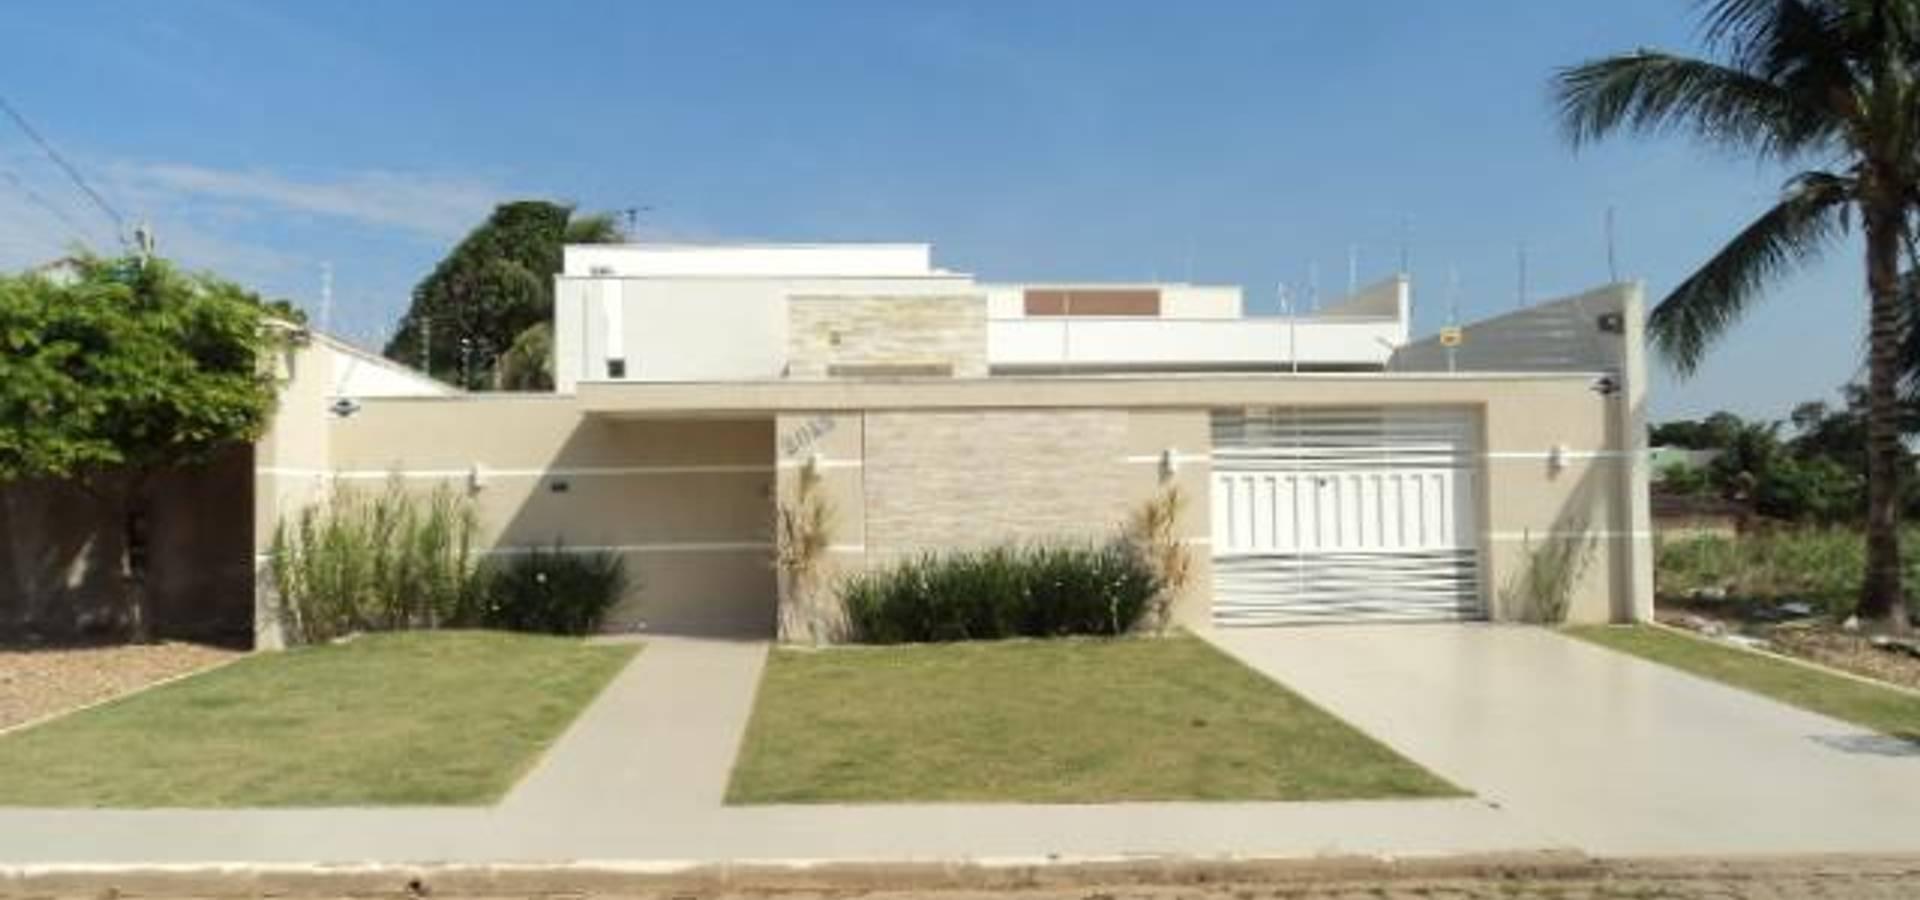 Ricardo Galego—Arquitetura e Engenharia